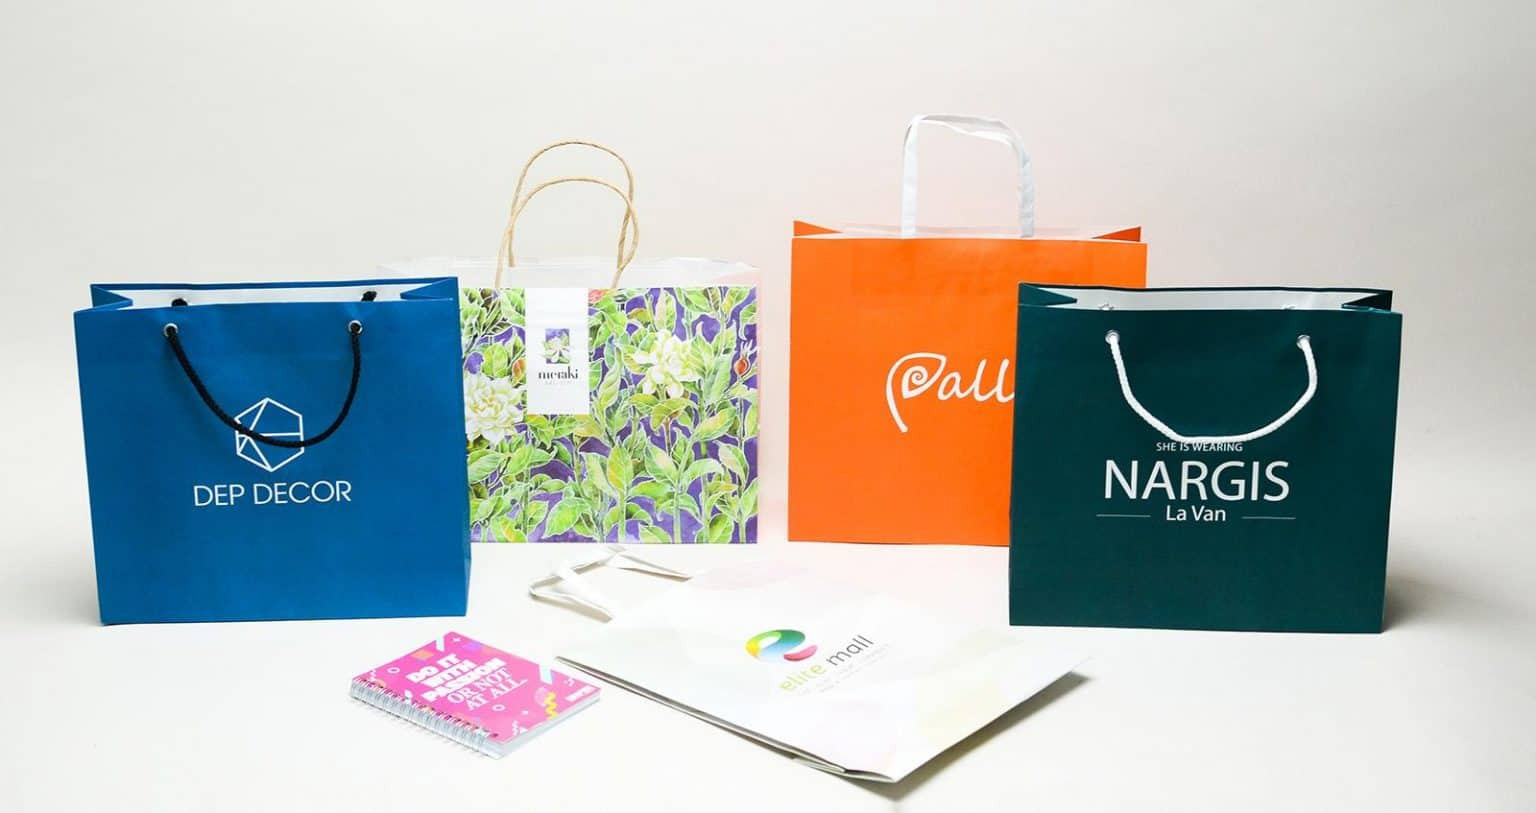 Dịch vụ in túi giấy đang được đông đảo công ty, doanh nghiệp sử dụng